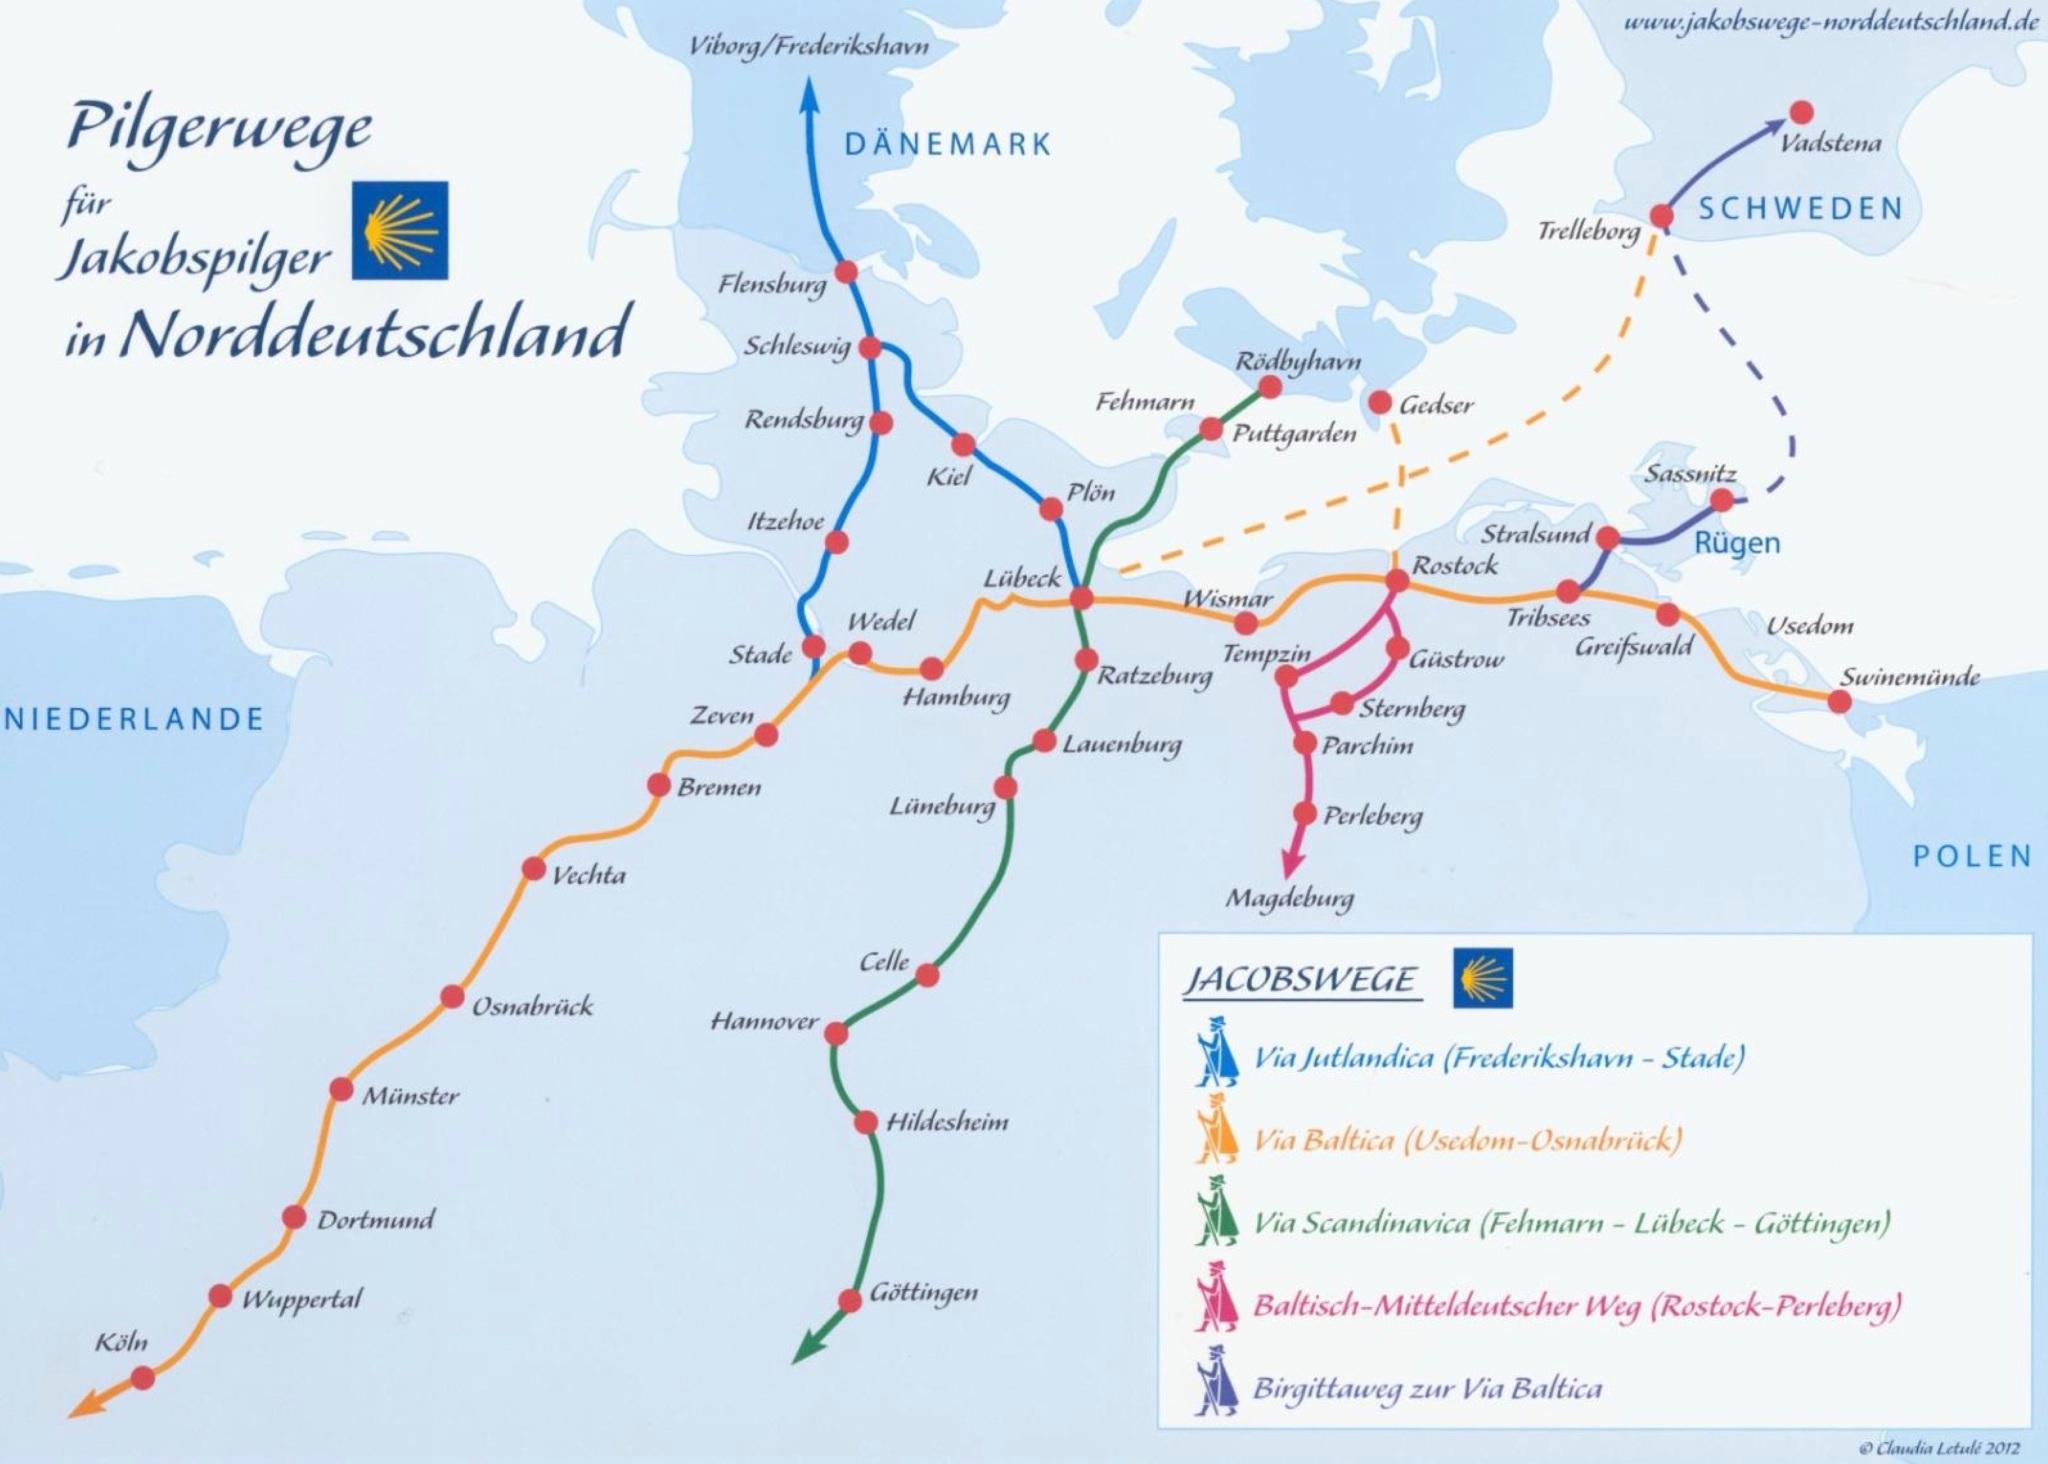 Pilgerwege für Jakobspilger Norddeutschland 2018